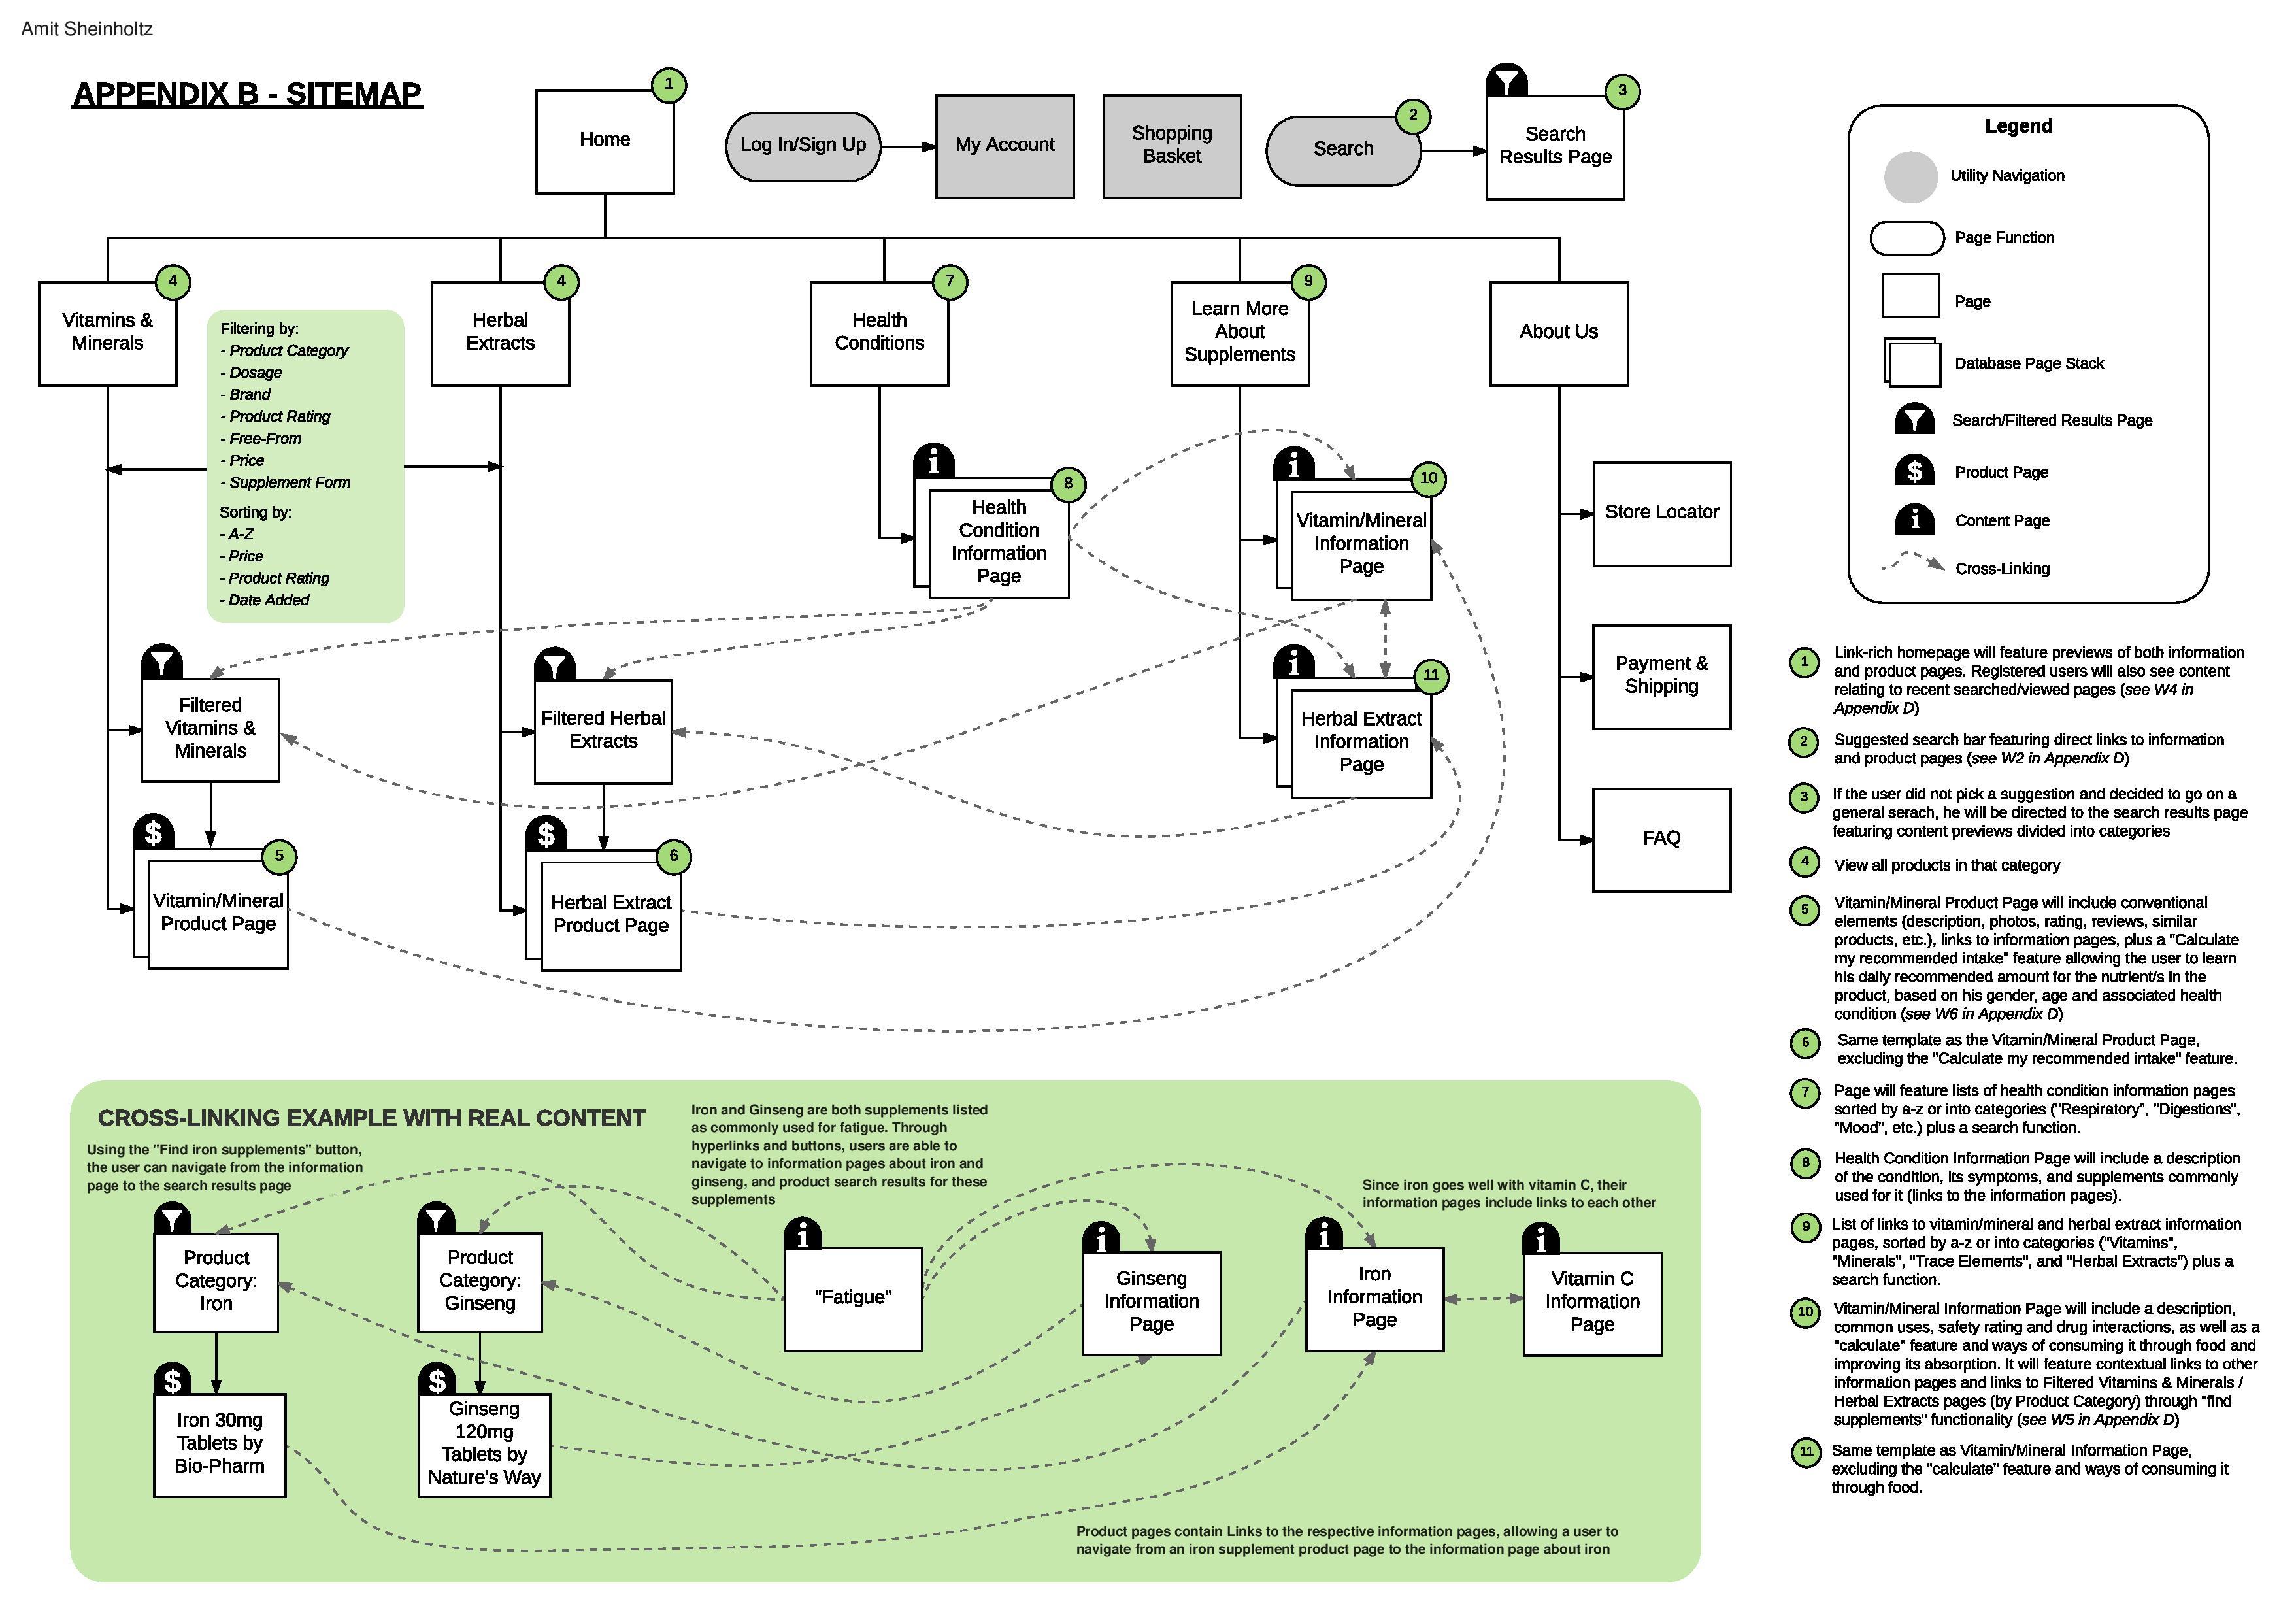 Designing An Information Architecture Dietary Supplements Website Amit Sheinholtz